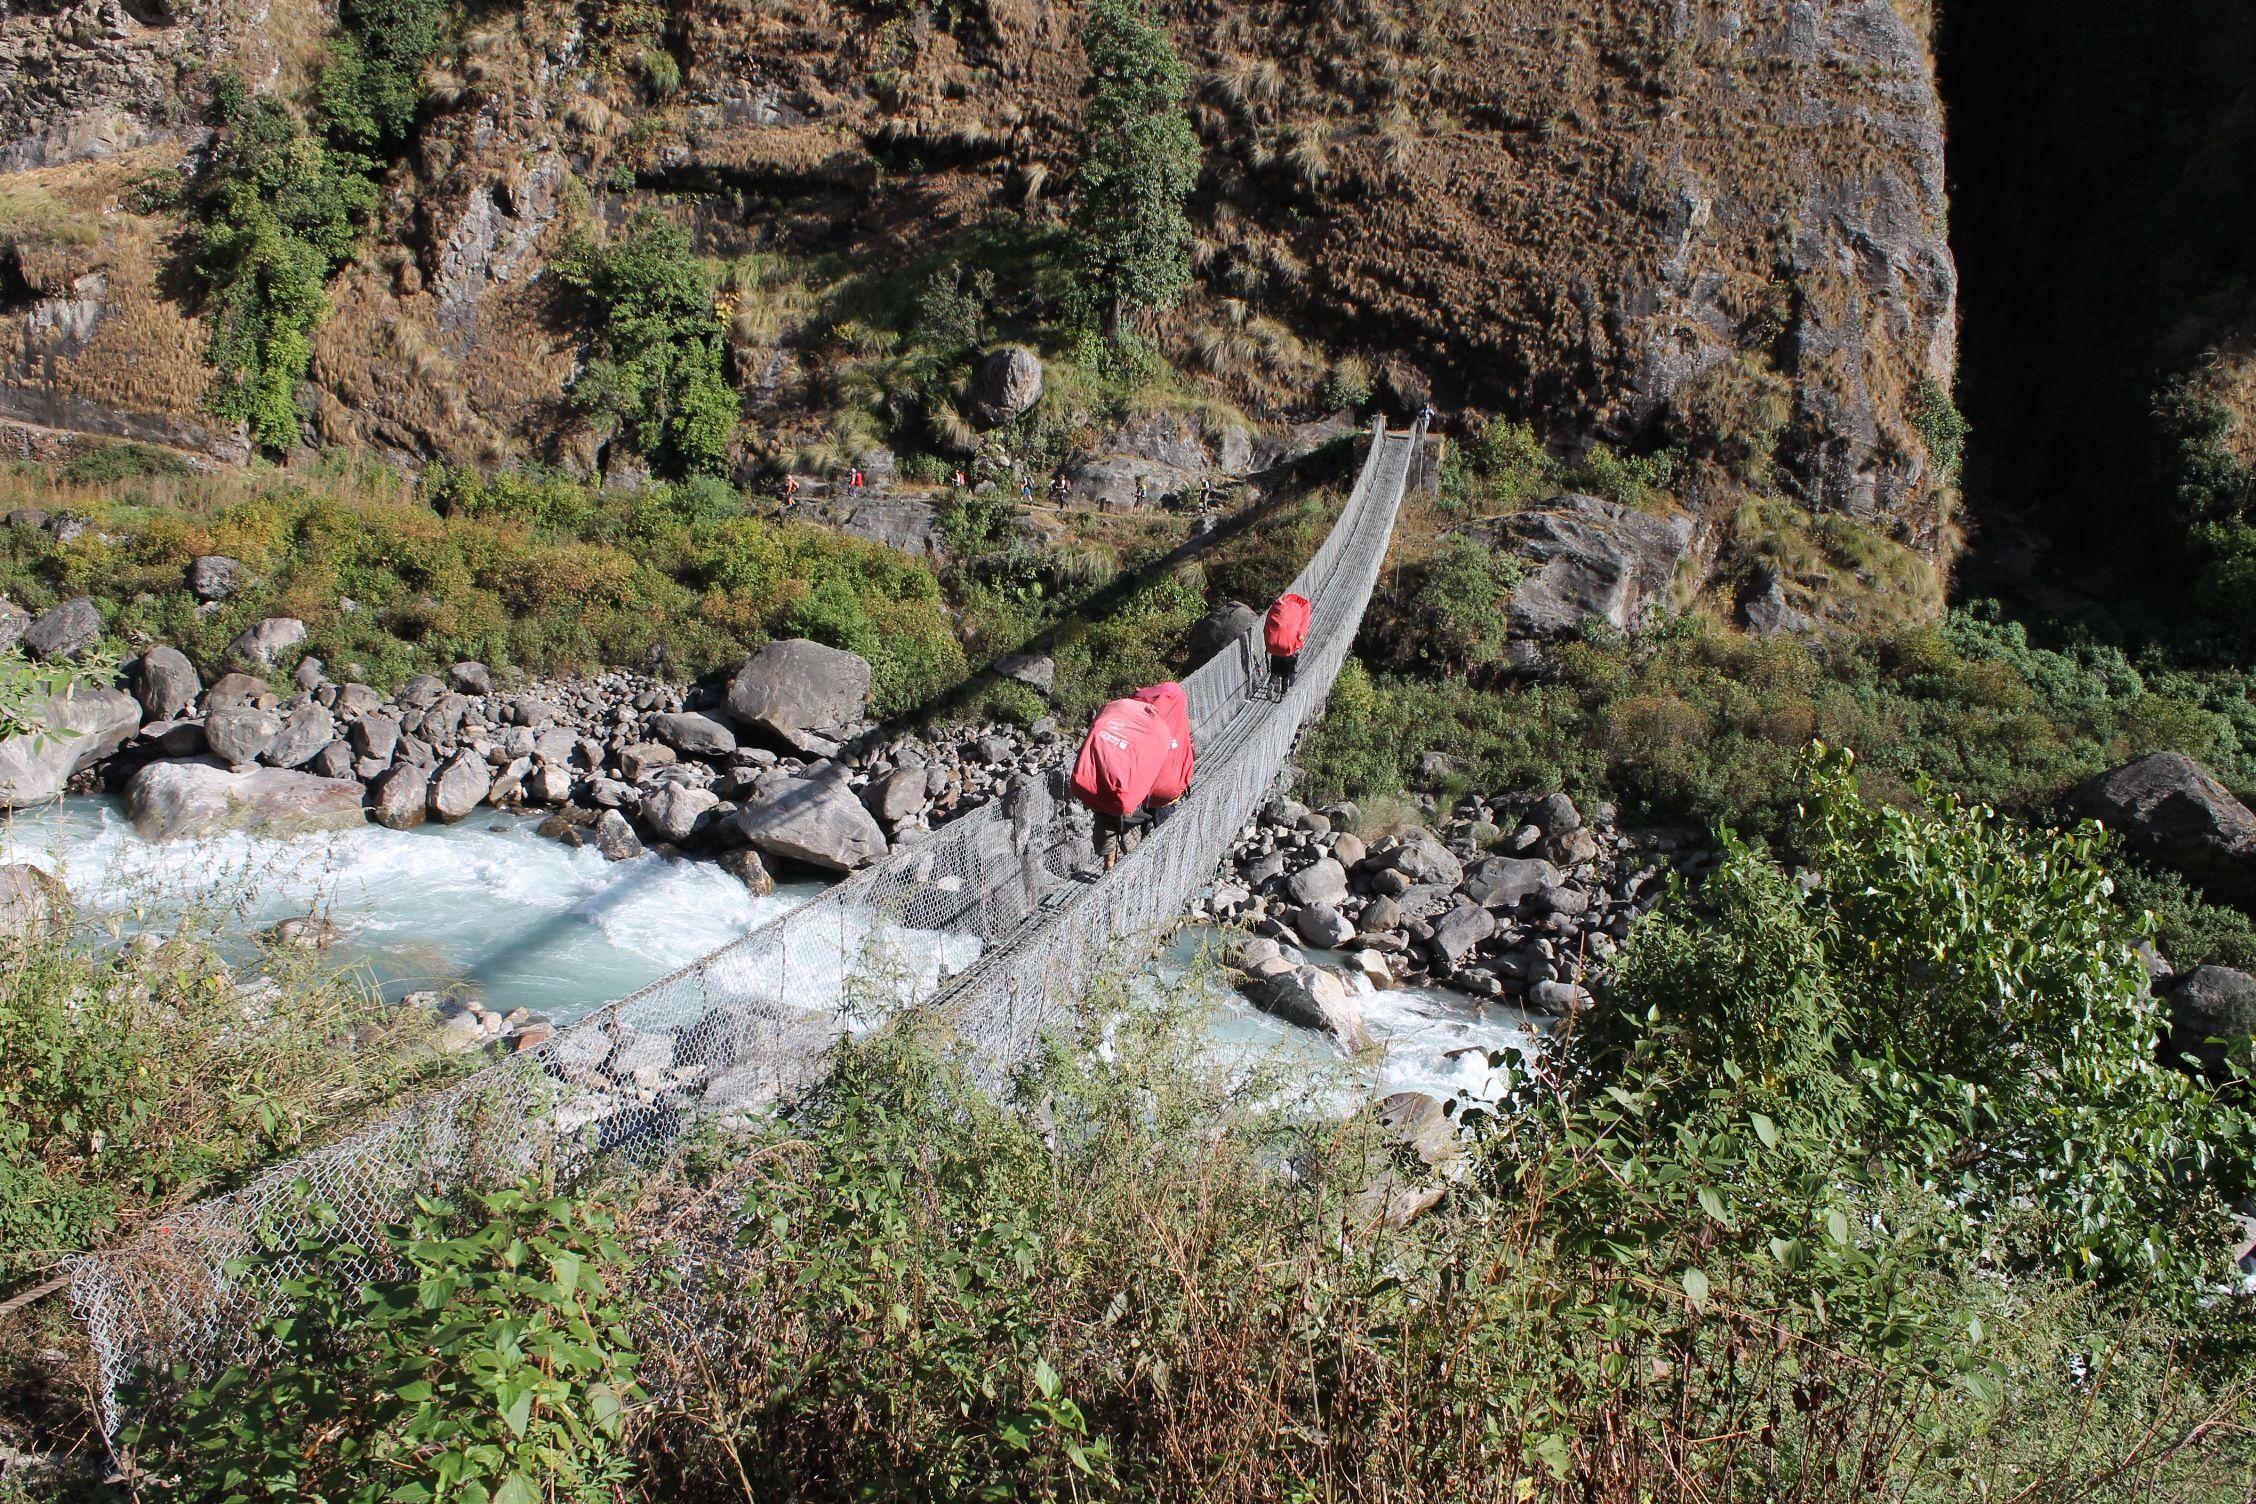 Porteadores con 35 kg a la espalda cruzando el puente como si nada